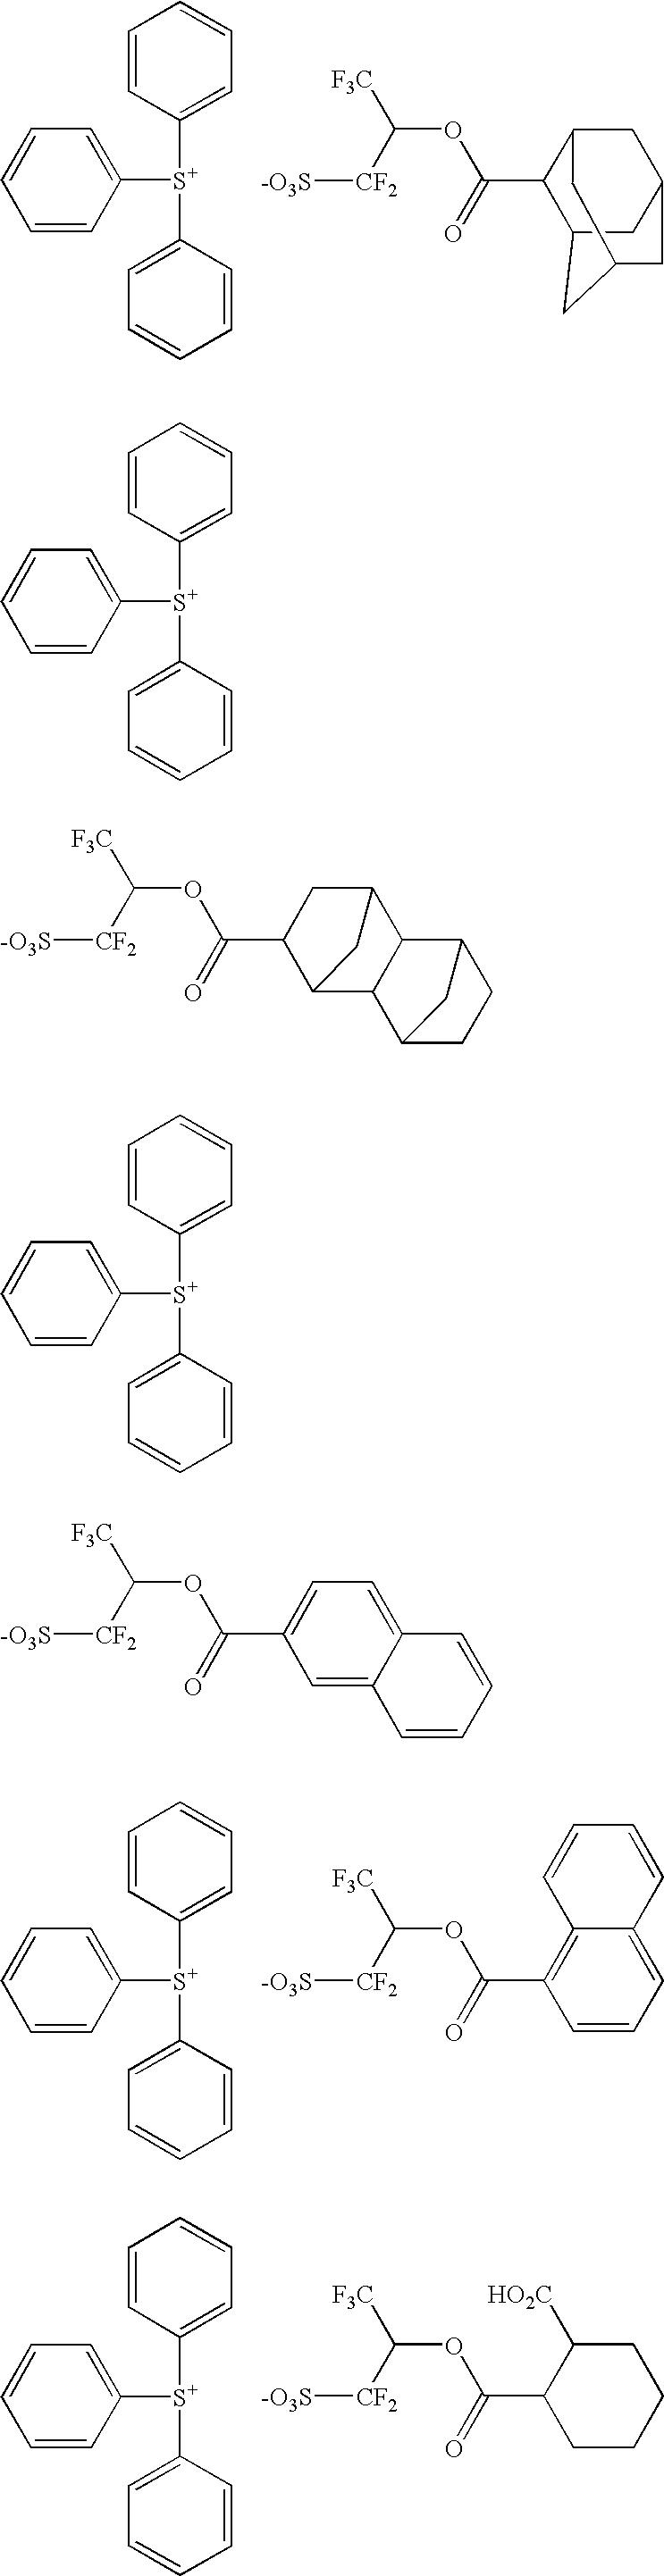 Figure US08062831-20111122-C00072